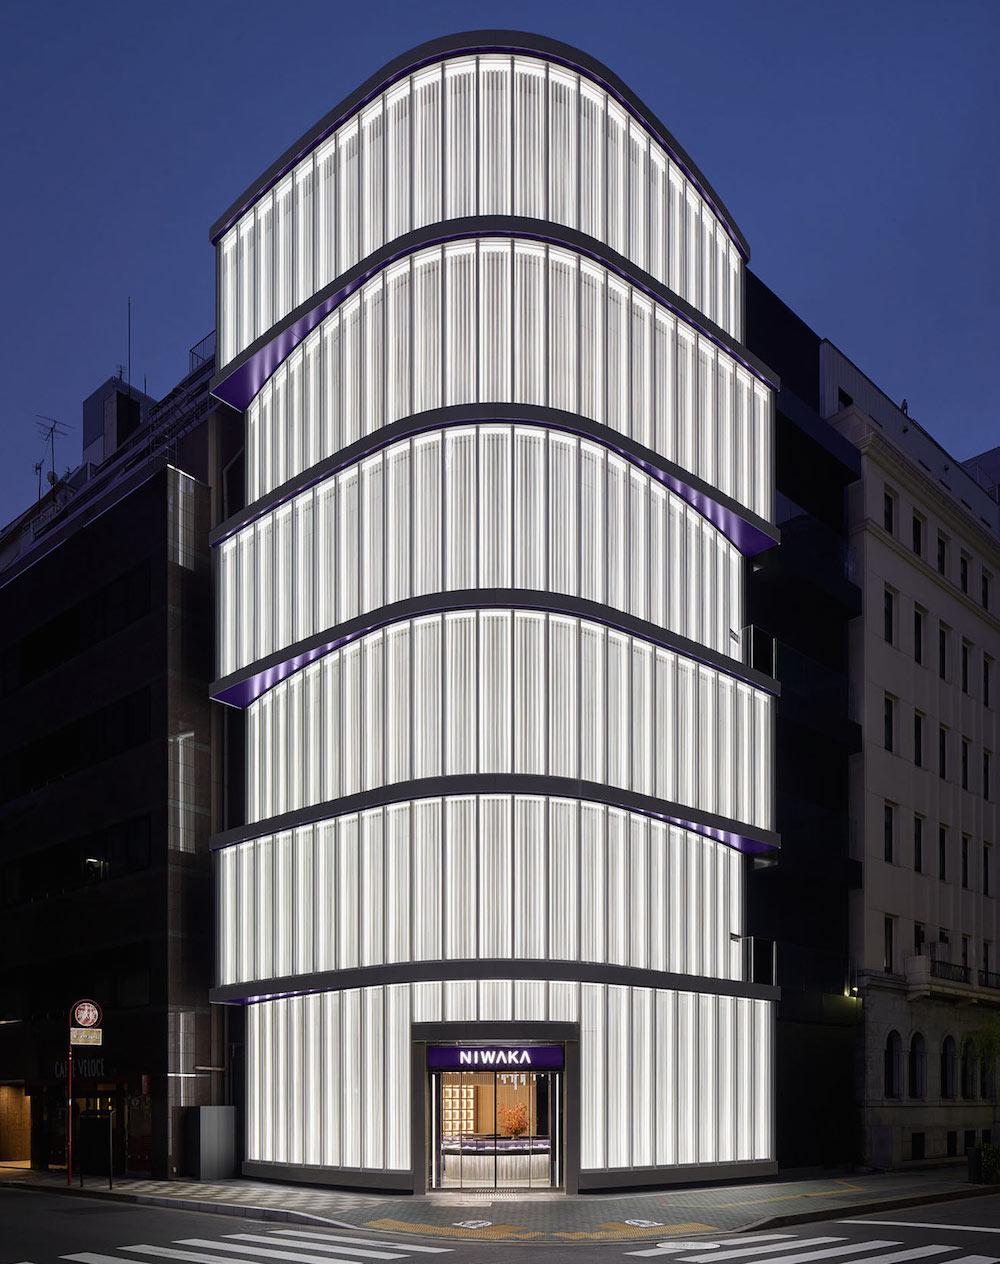 『NIWAKA』が銀座にフラッグシップストアをオープン! 「藤棚」をコンセプトにした美しい内装にうっとり♡_1